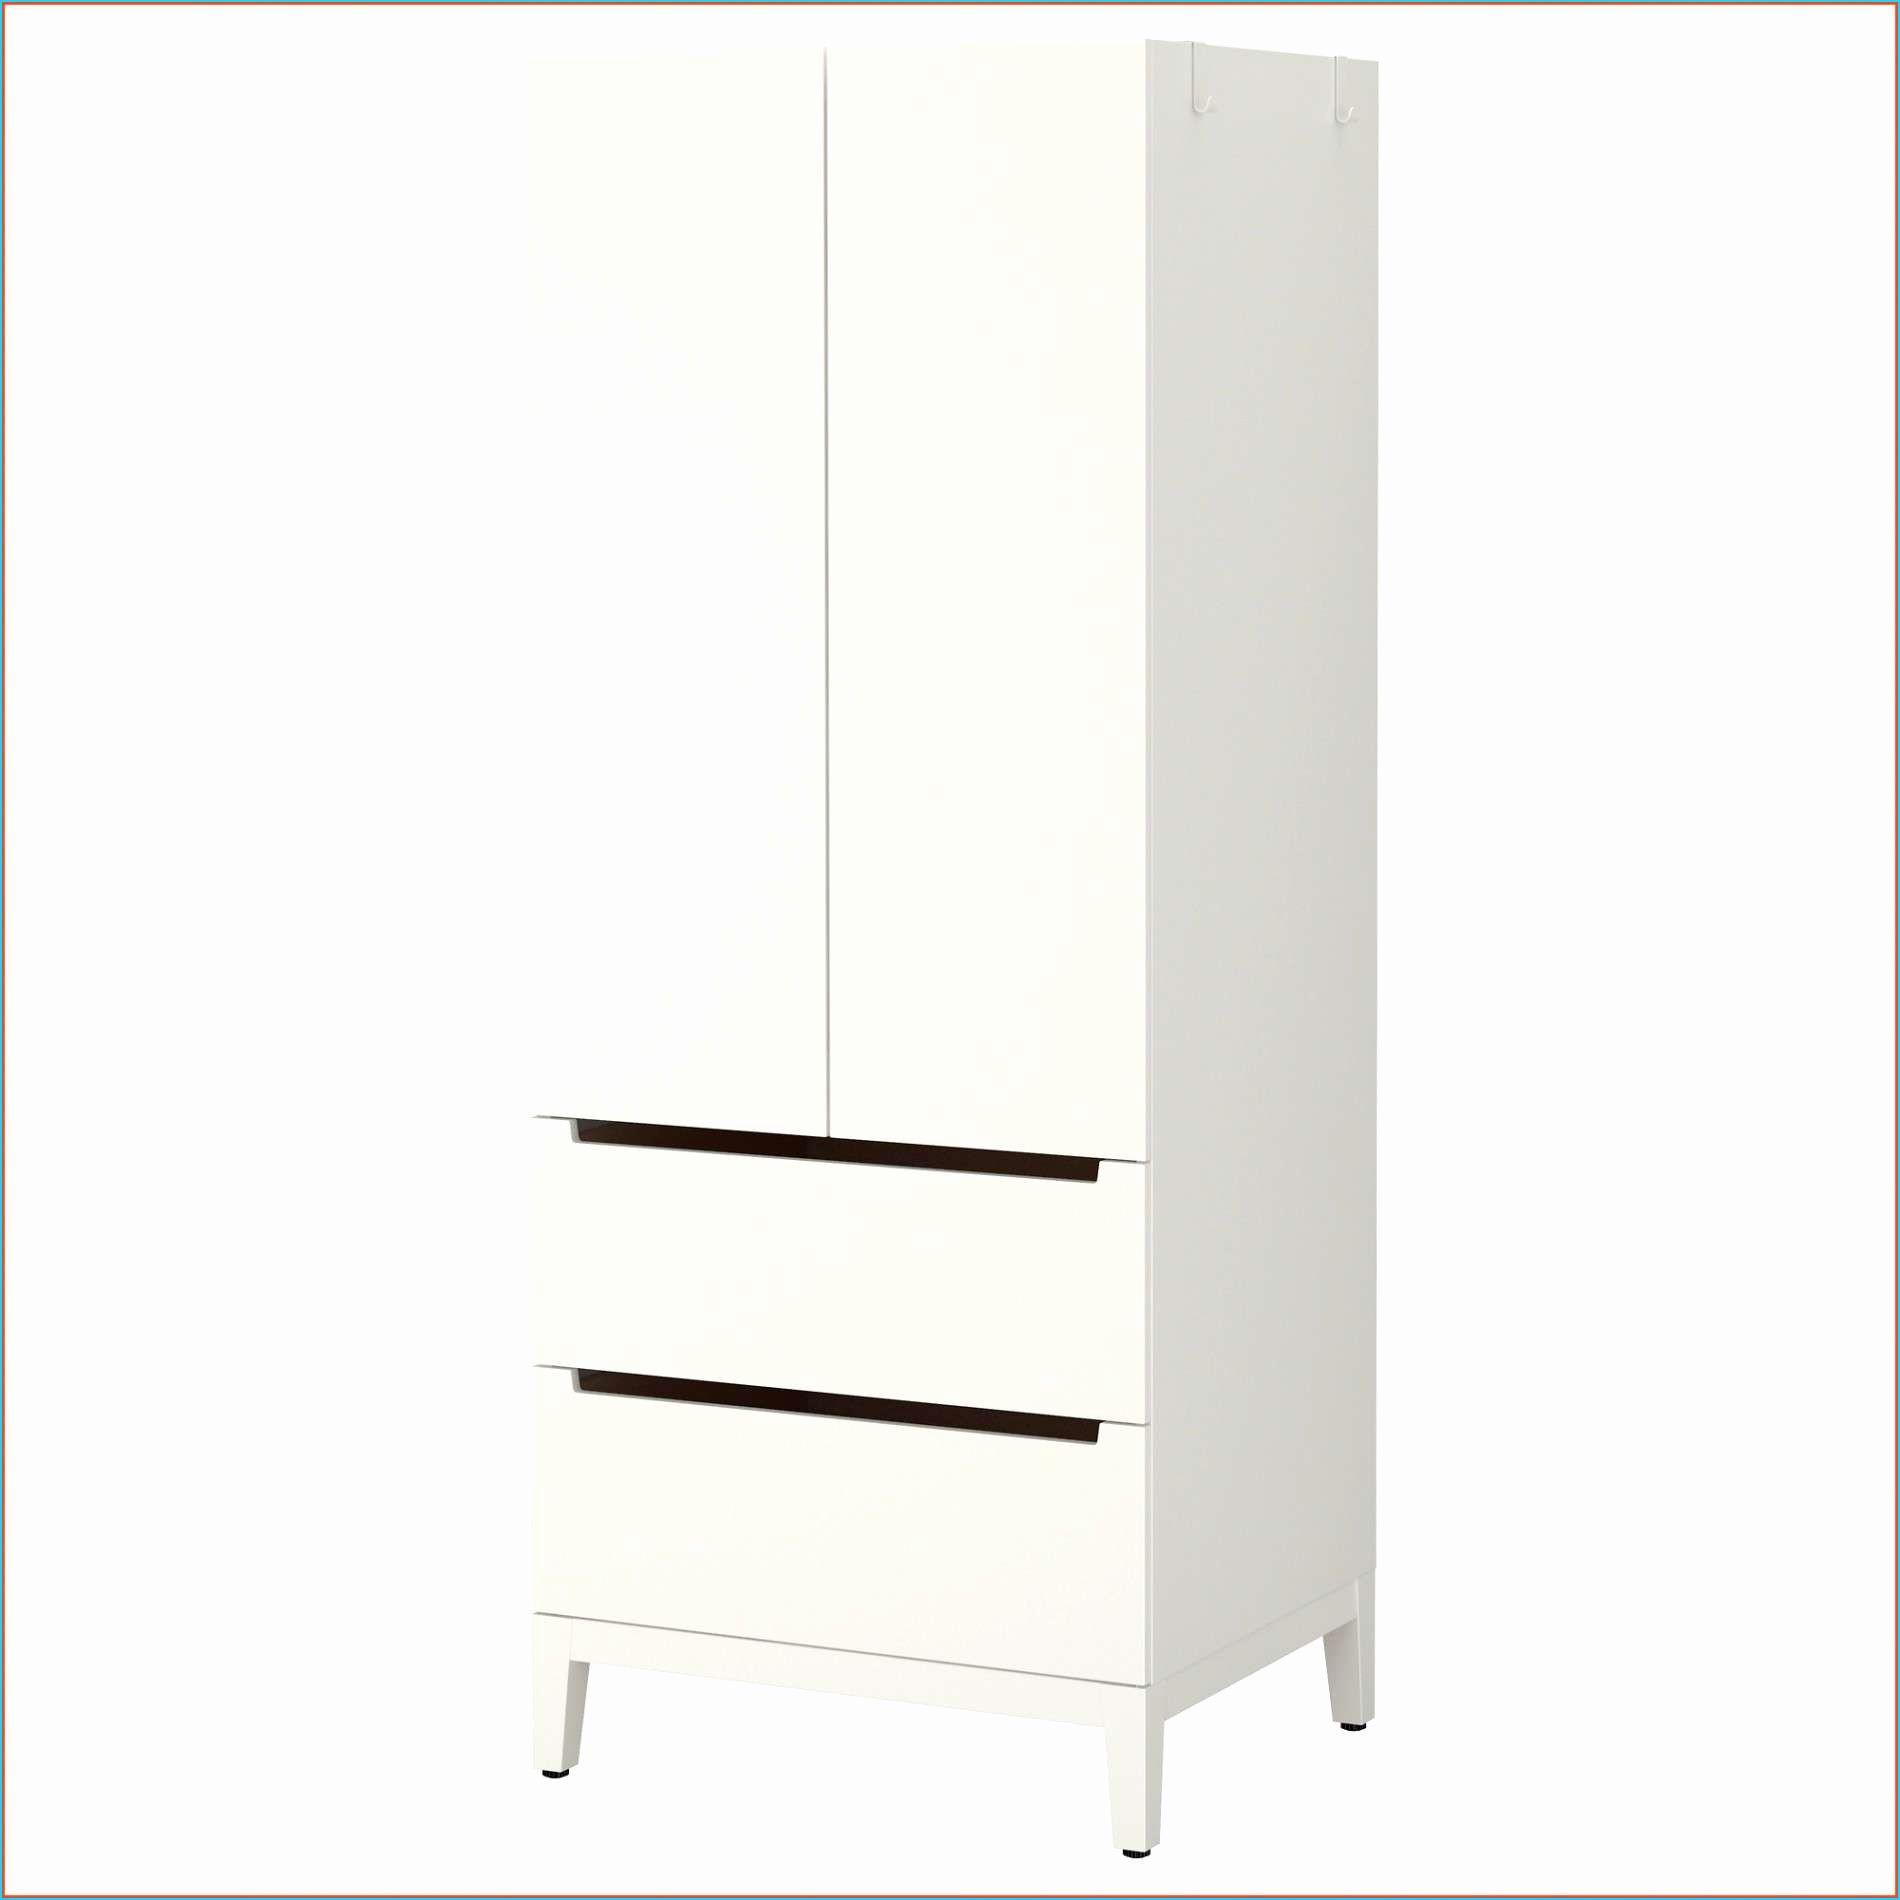 16 Bemerkenswert Kommode 50 Tief In 2020 Mit Bildern Badezimmer Aufbewahrung Garderobe Schrank Garderobenschrank